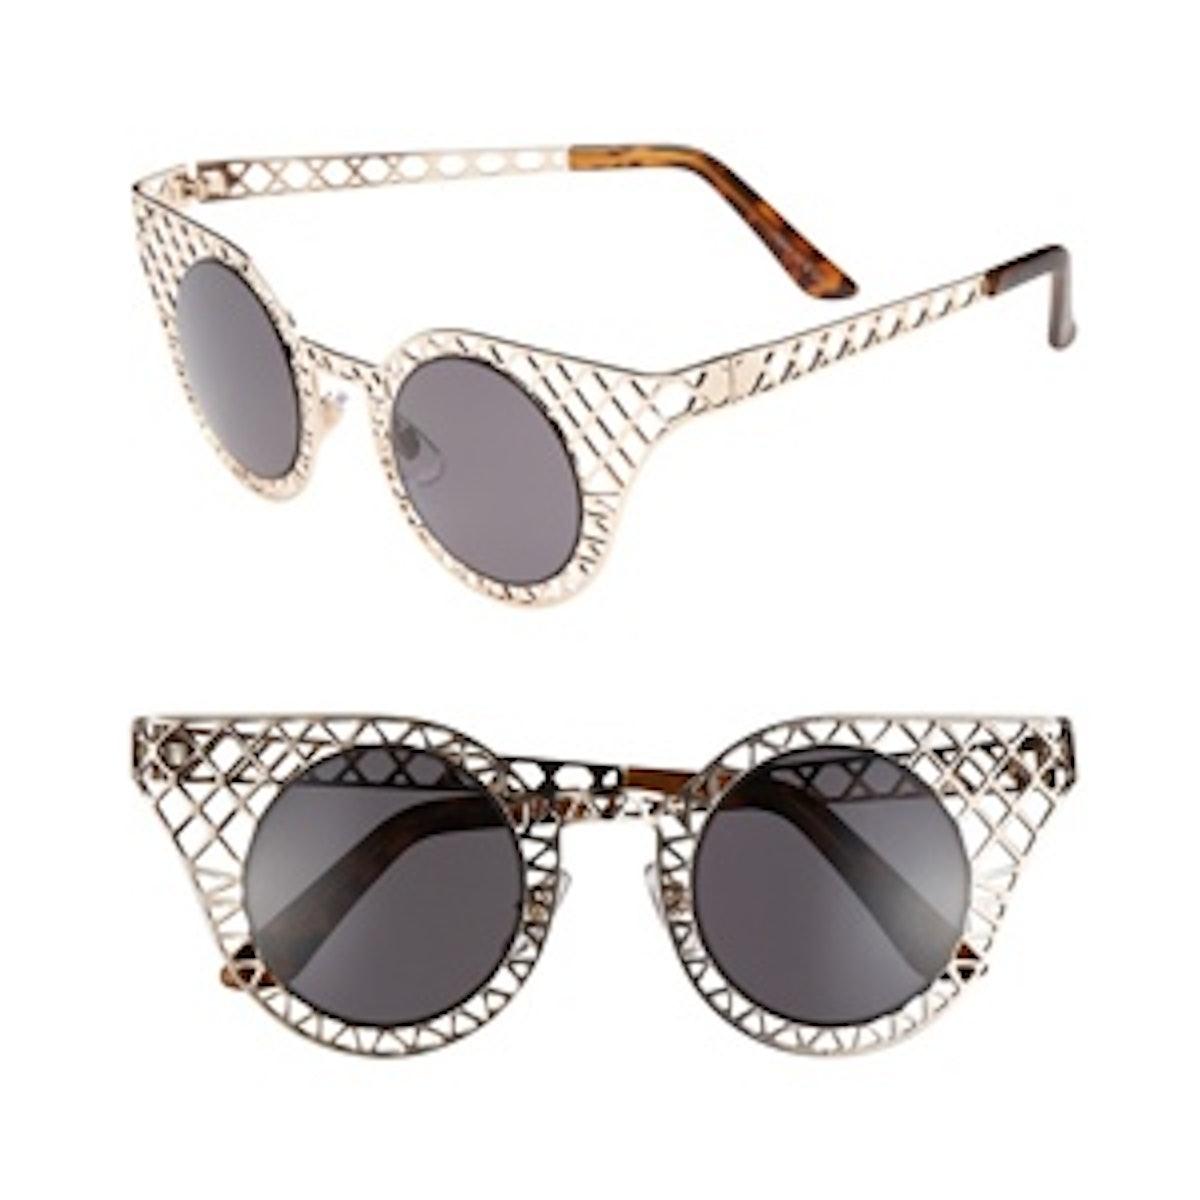 Gold Lattice Sunglasses